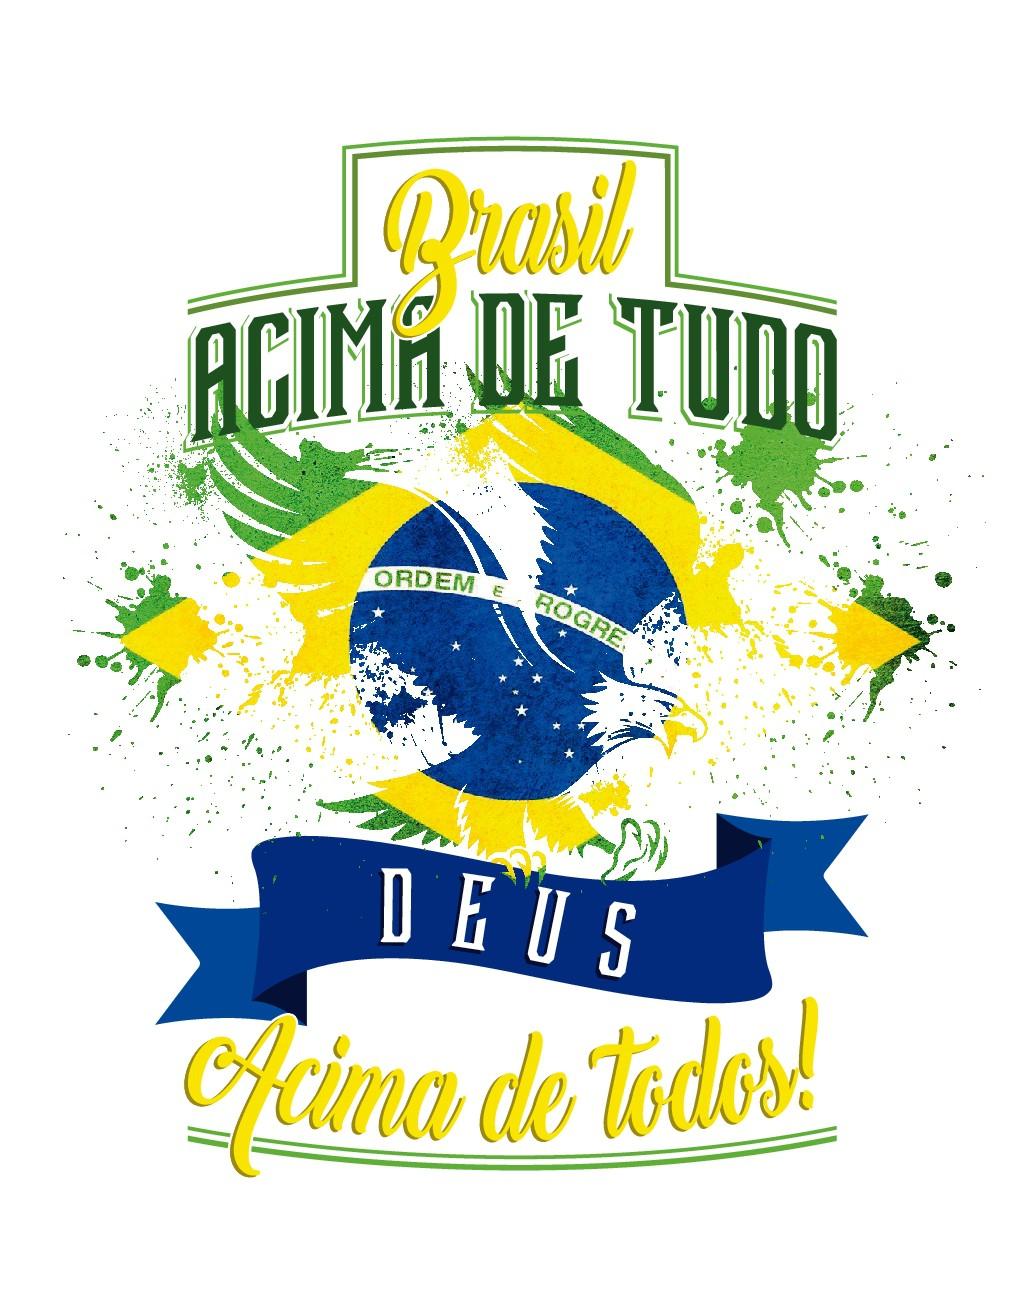 Necessito de uma ilustração com a bandeira do brasil para Camisas. A frase deve ser separada da ilustração.